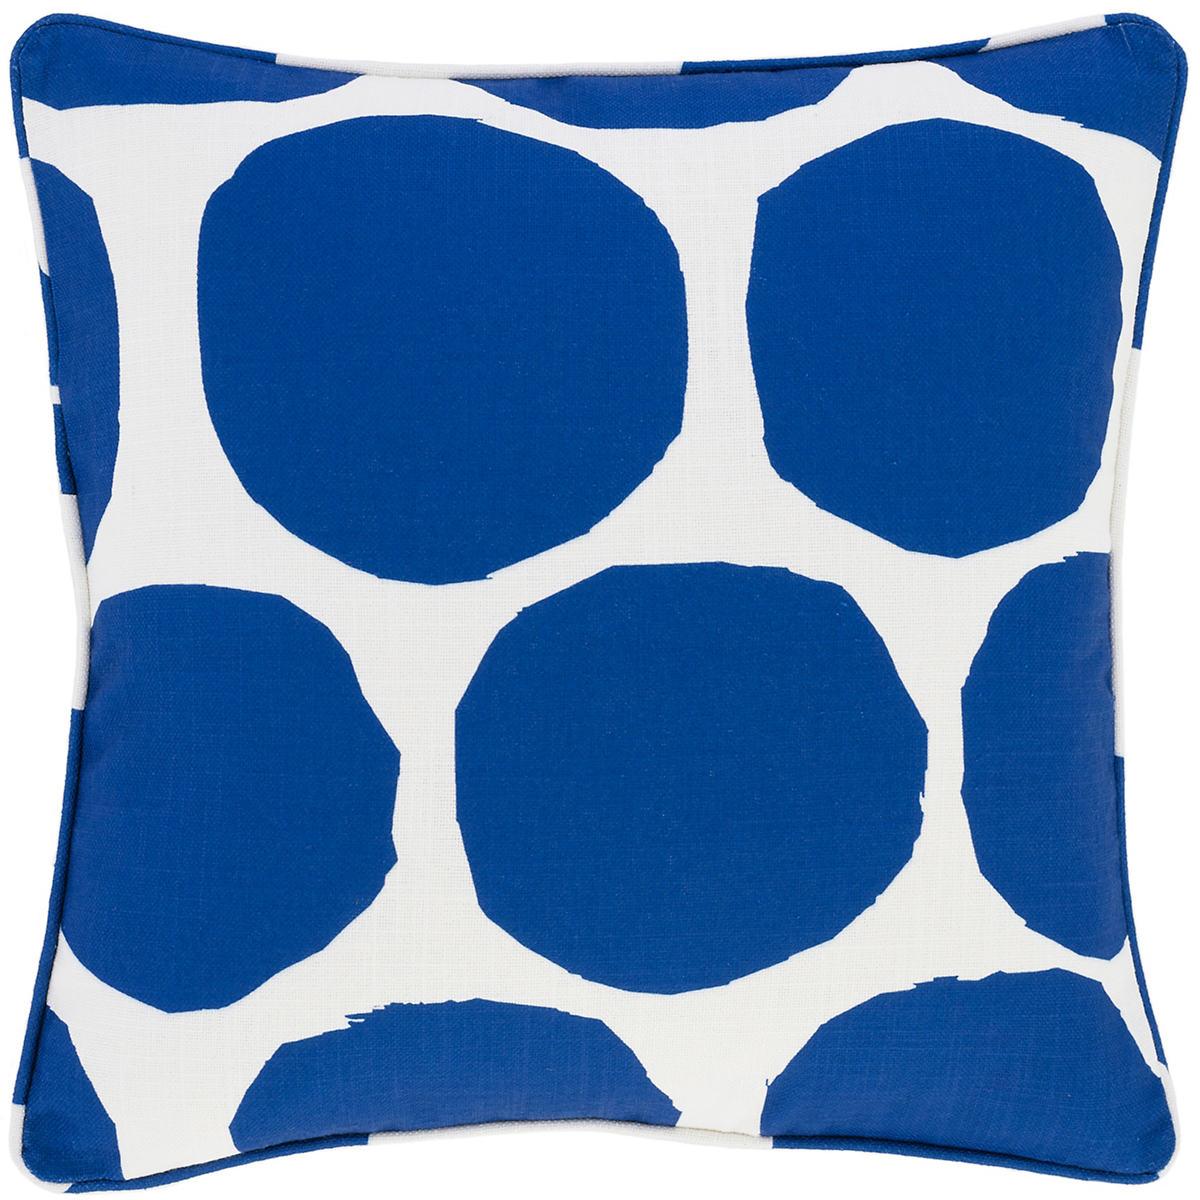 On The Spot Cobalt Indoor/Outdoor Decorative Pillow